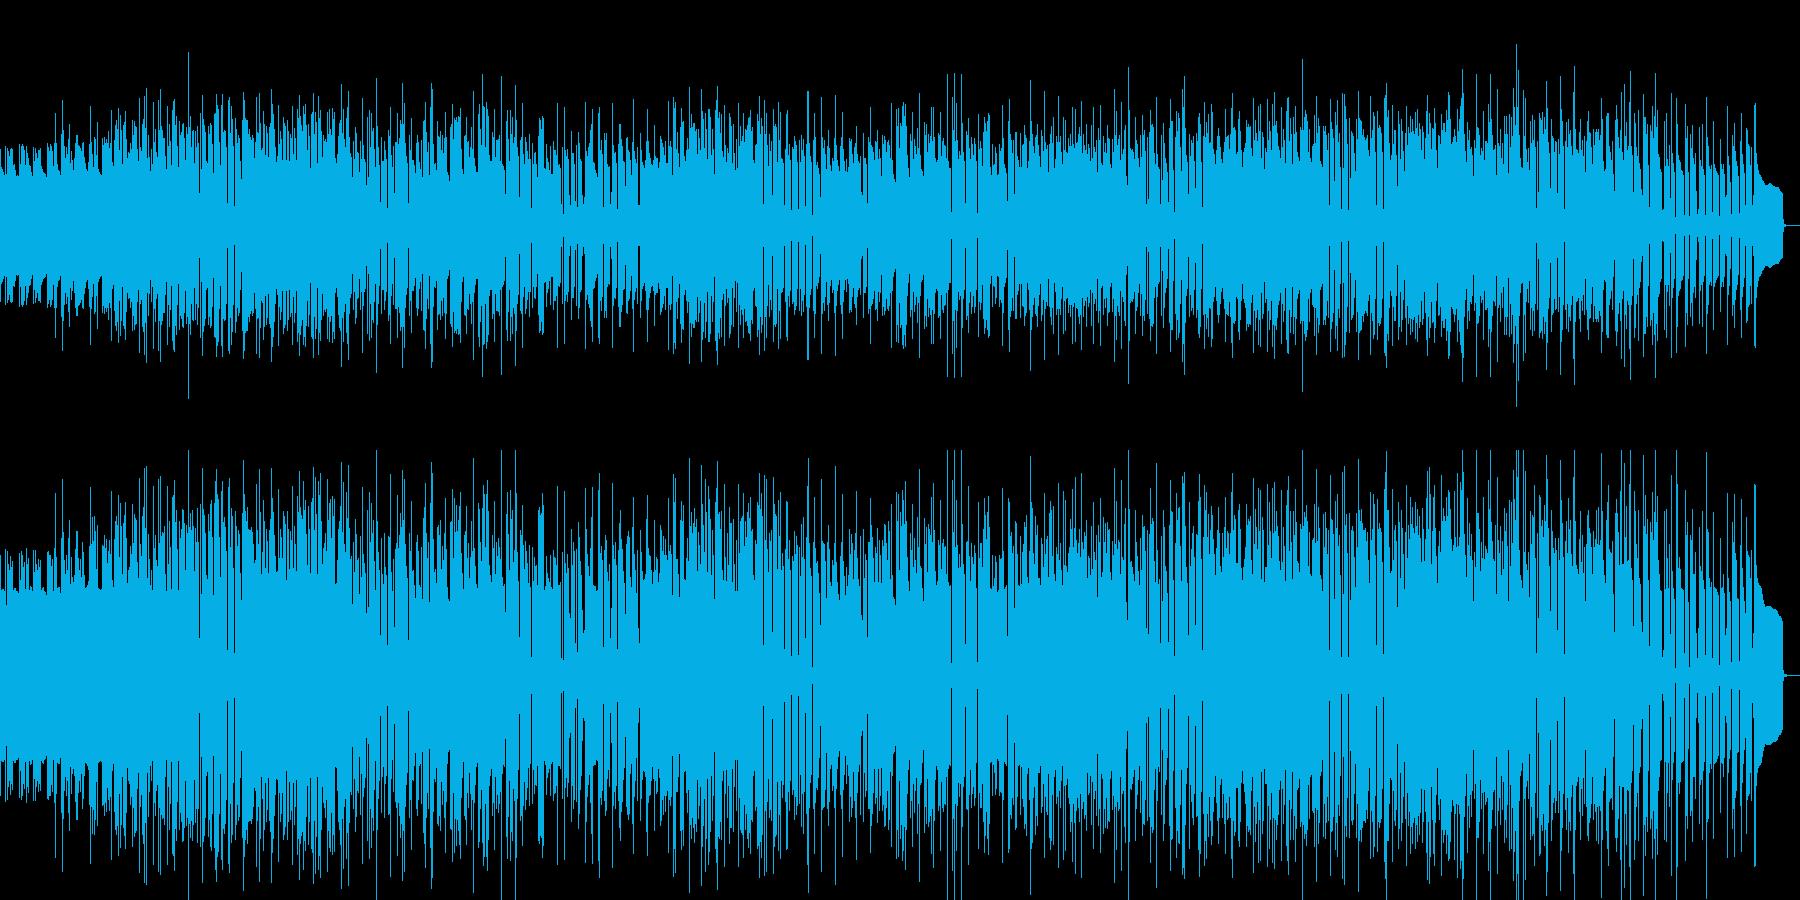 探偵のテーマをイメージした曲の再生済みの波形